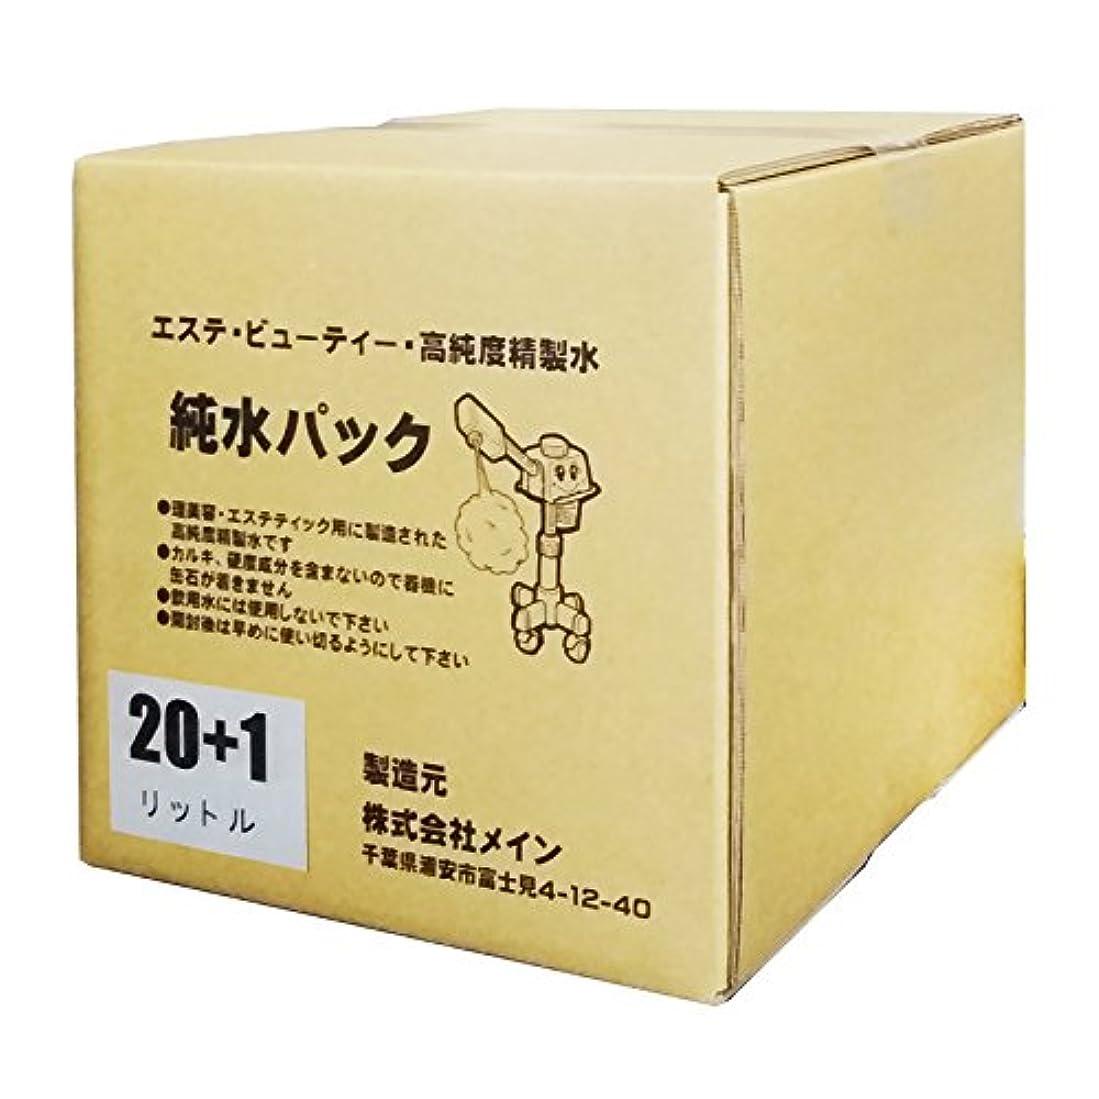 ポジティブ非公式データム増量中 21L 高純度 精製水 20 L + 1L 純水パック コック付 日本製 エステ スチーマー (1個) オートクレーブ 滅菌器